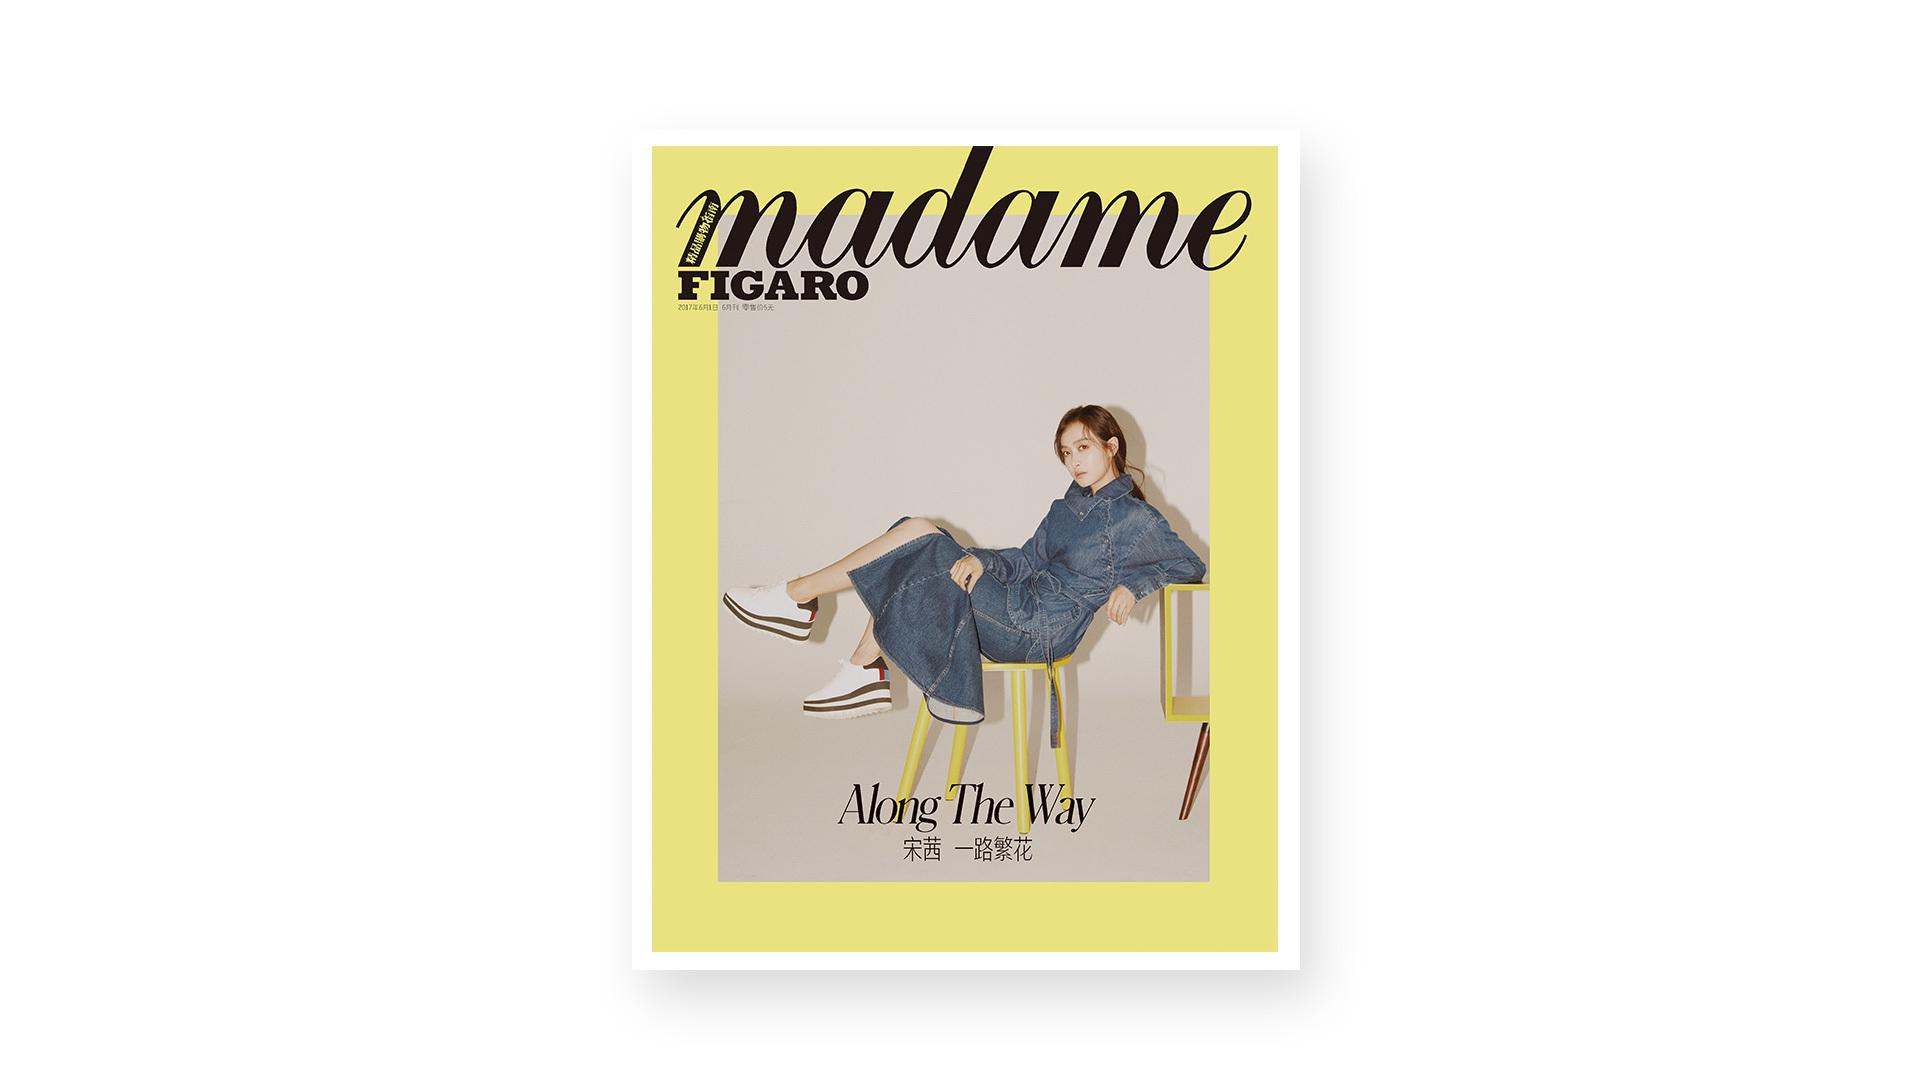 造作携谜盒等六件大师作品,登上法国最畅销的女性杂志madame FIGARO中文版《虹》2017年7月刊,打造时尚大片的性感情境。